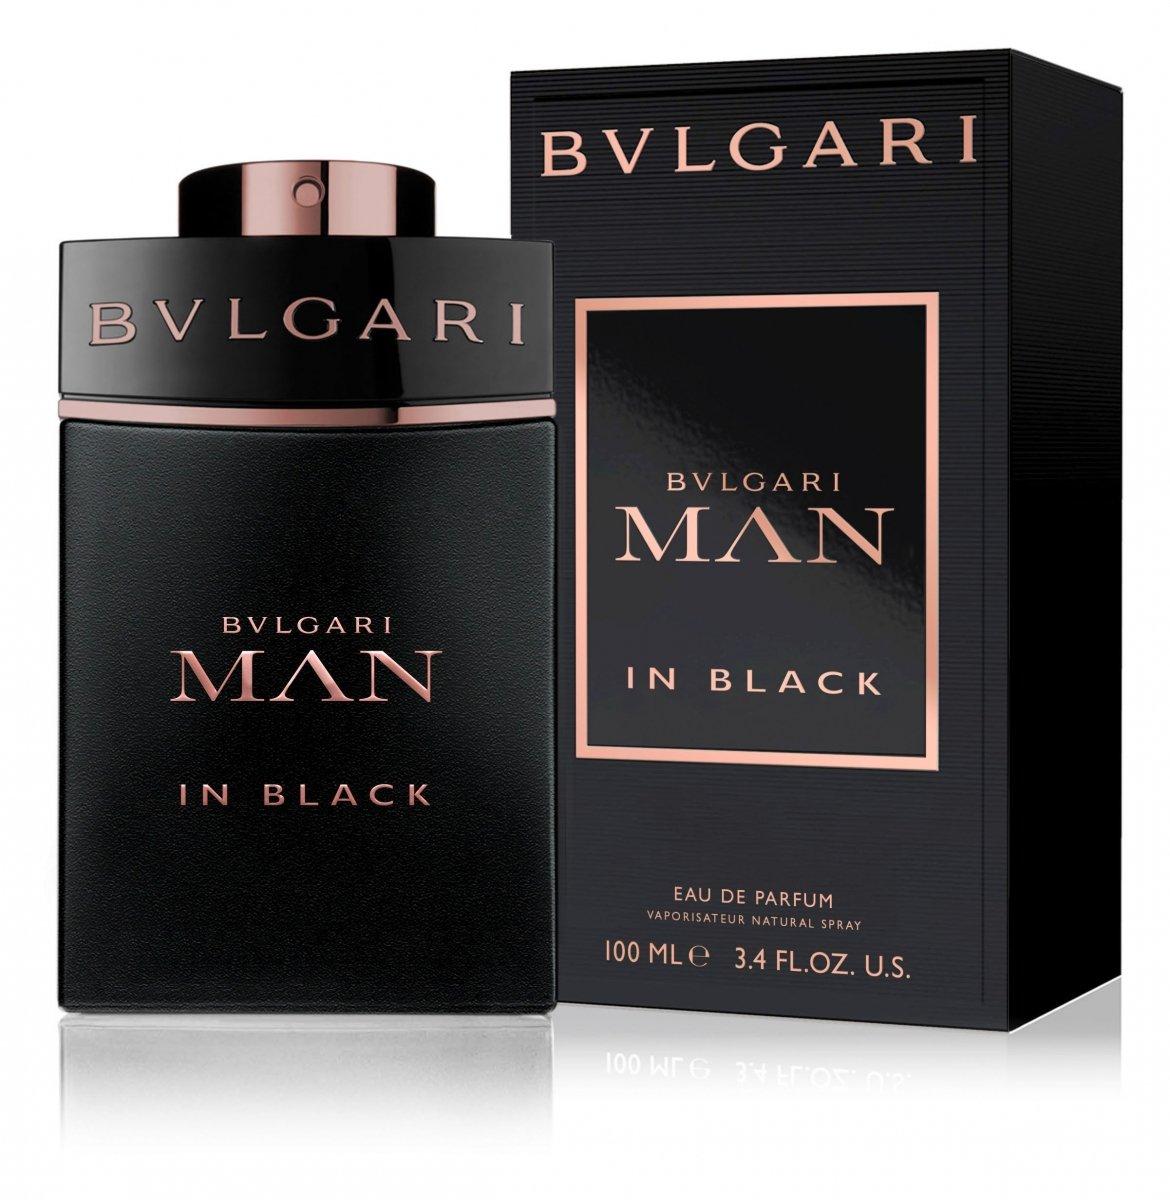 8fbd3ac158 Bvlgari - Man In Black | Reviews and Rating